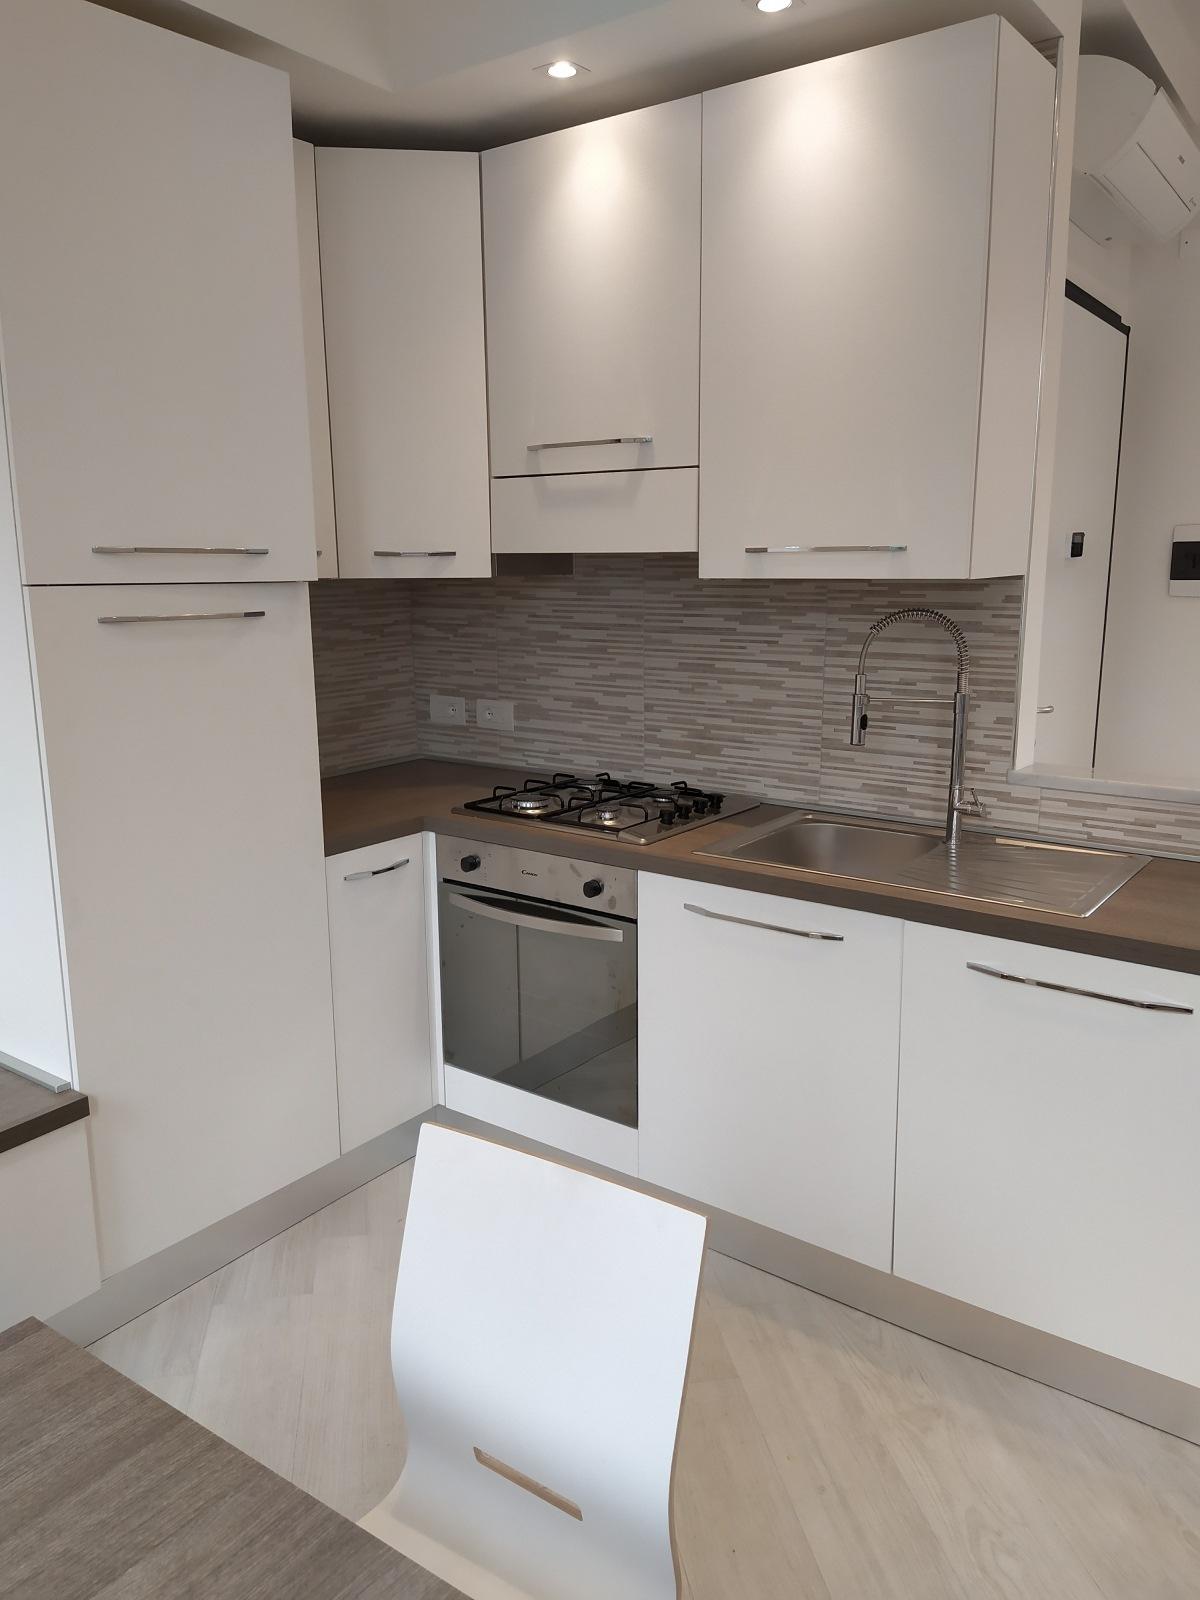 appartamento-in-vendita-milano-bovisa-piazza-dergano-3-locali-con-terrazzo-spaziourbano-immobiliare-vende-7